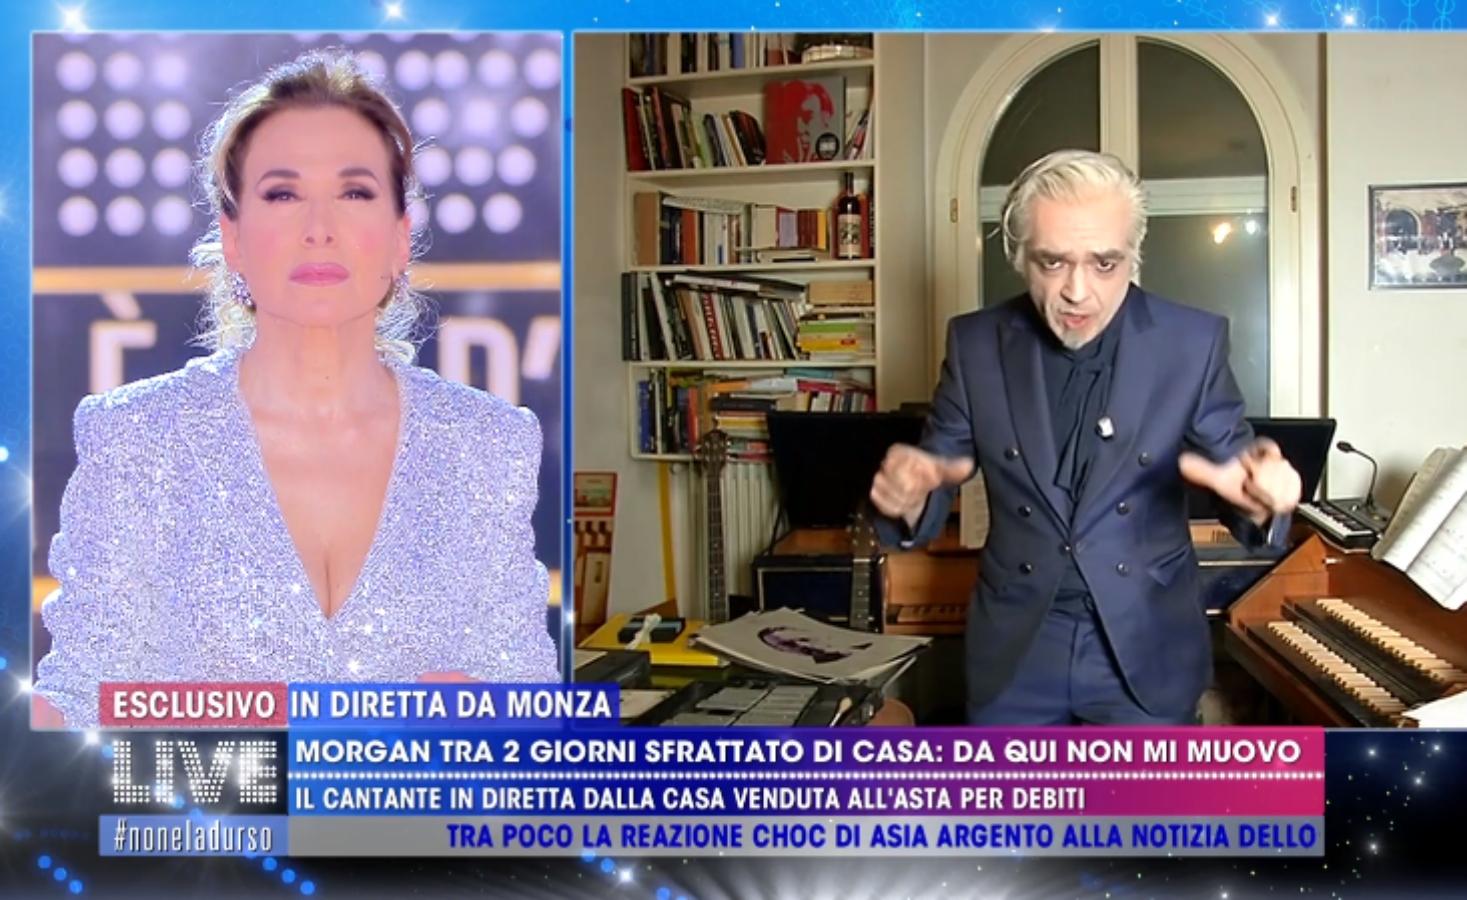 """Live, Morgan Sfrattato Da Casa: """"Vado In Un Luogo Dell'immaginazione"""""""